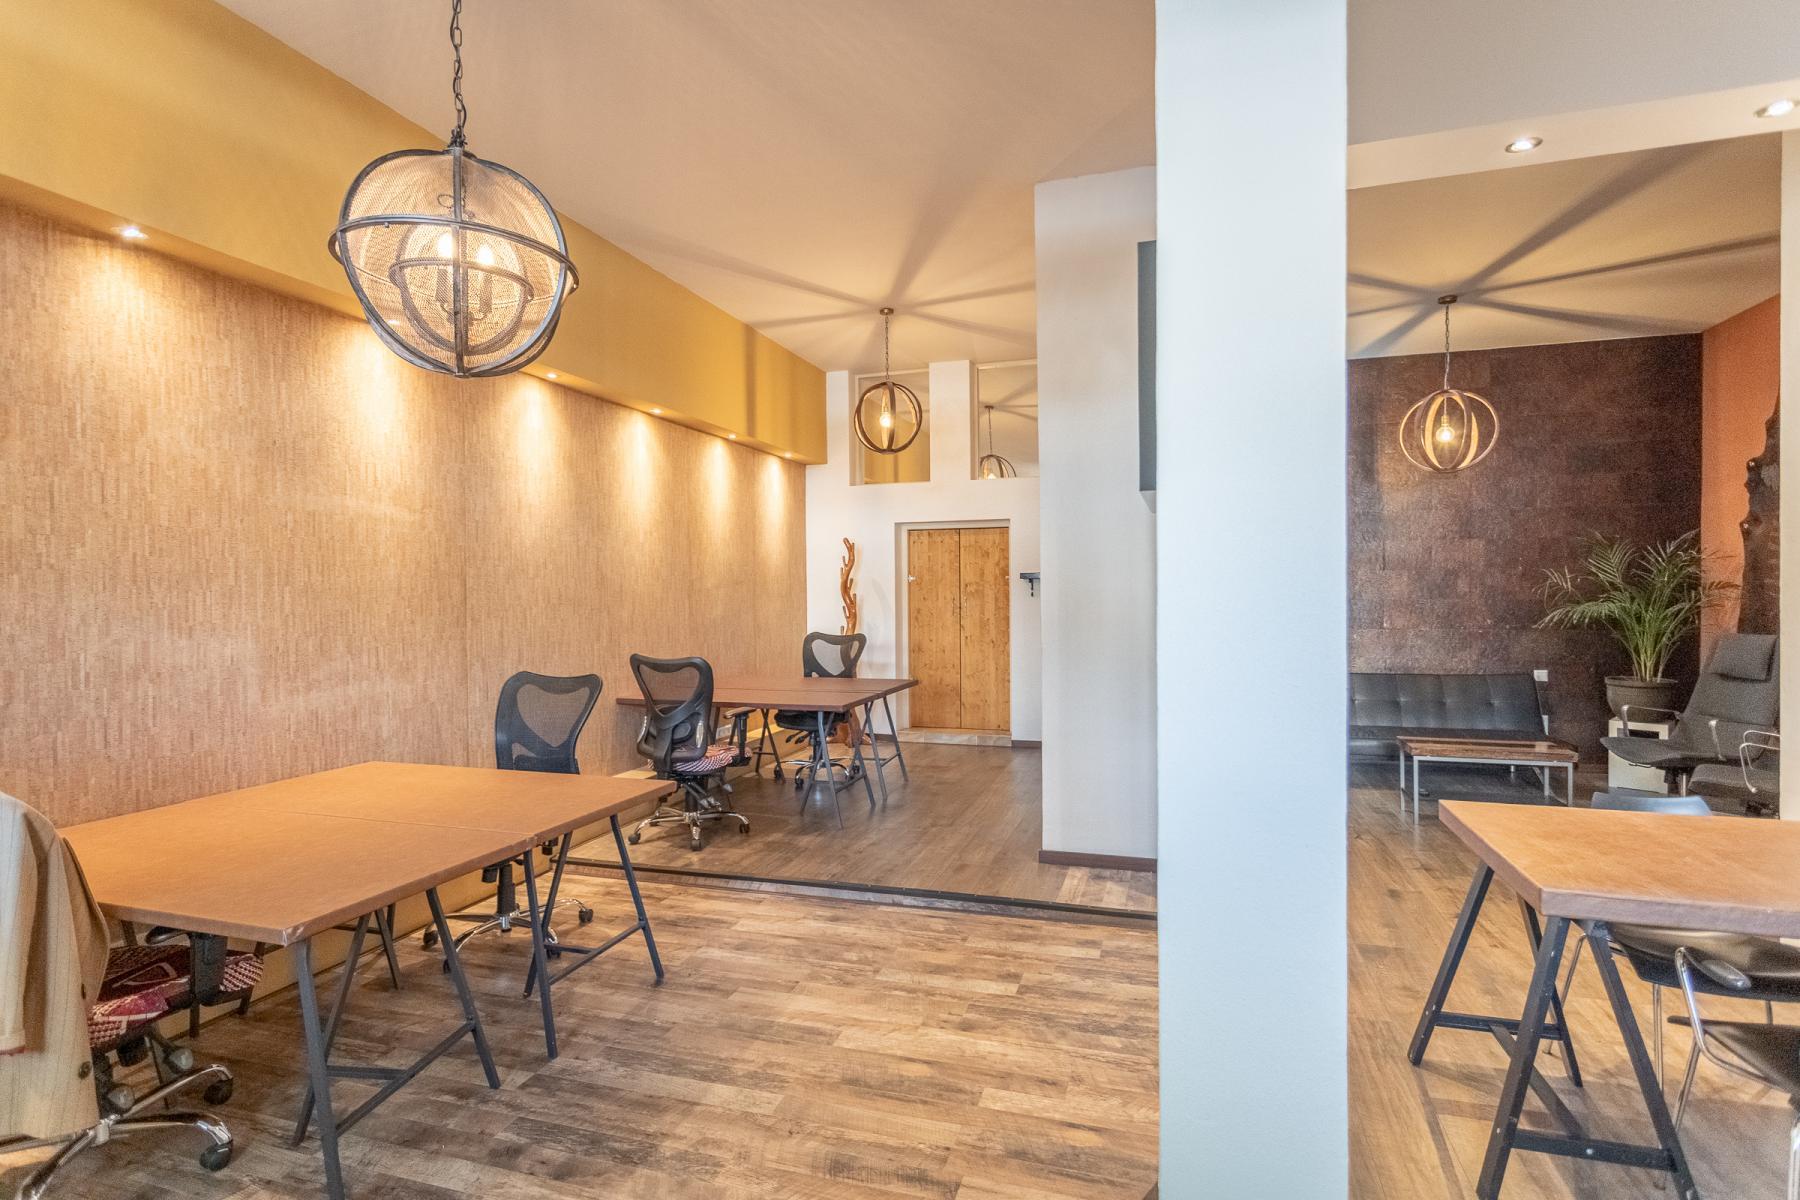 Rent office space Oudeschans 21, Amsterdam (20)